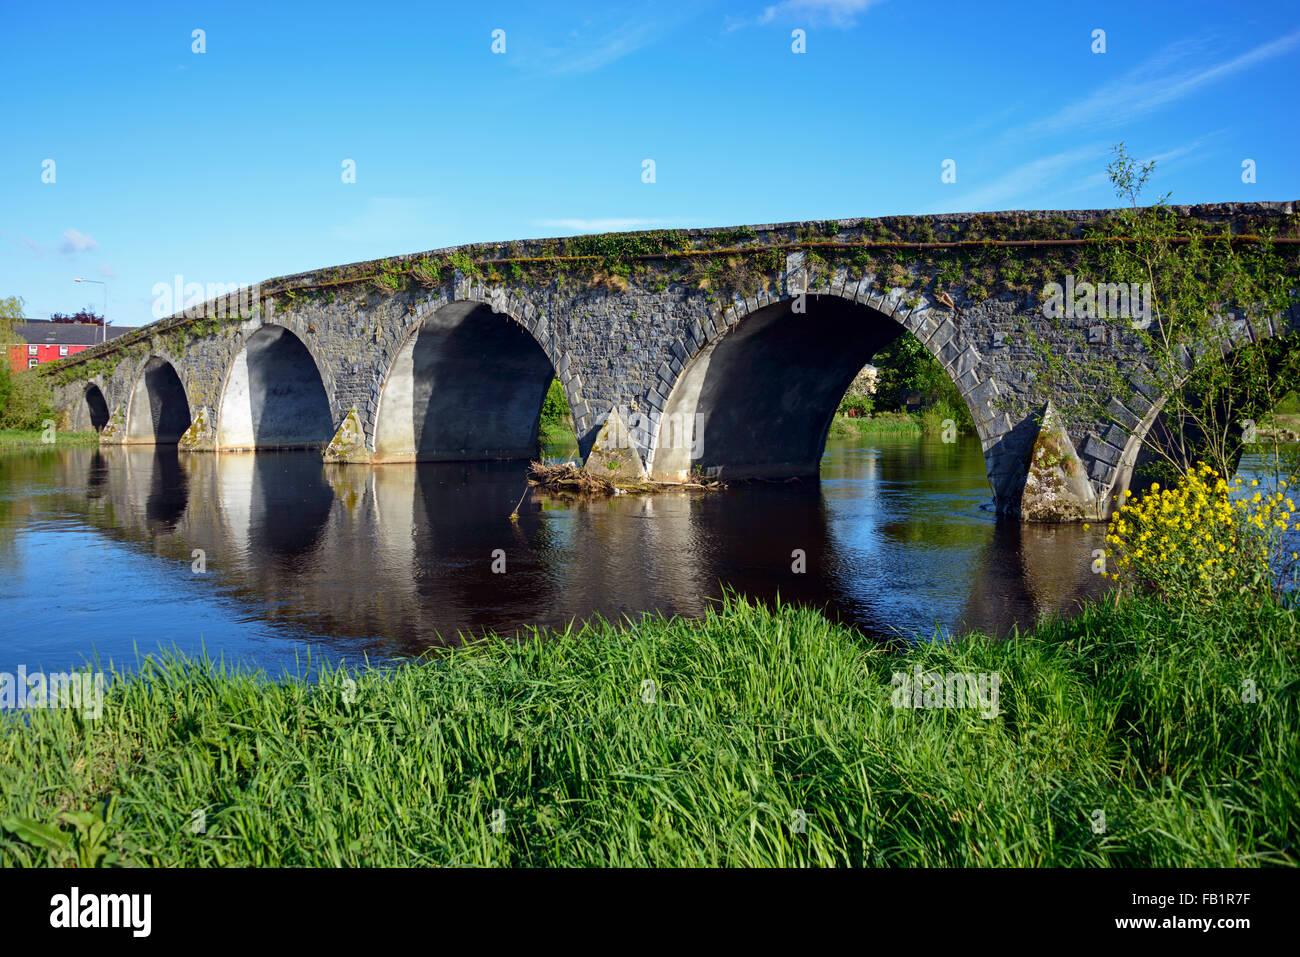 Bennettsbridge, bridge over River Nore, County Kilkenny, Ireland - Stock Image